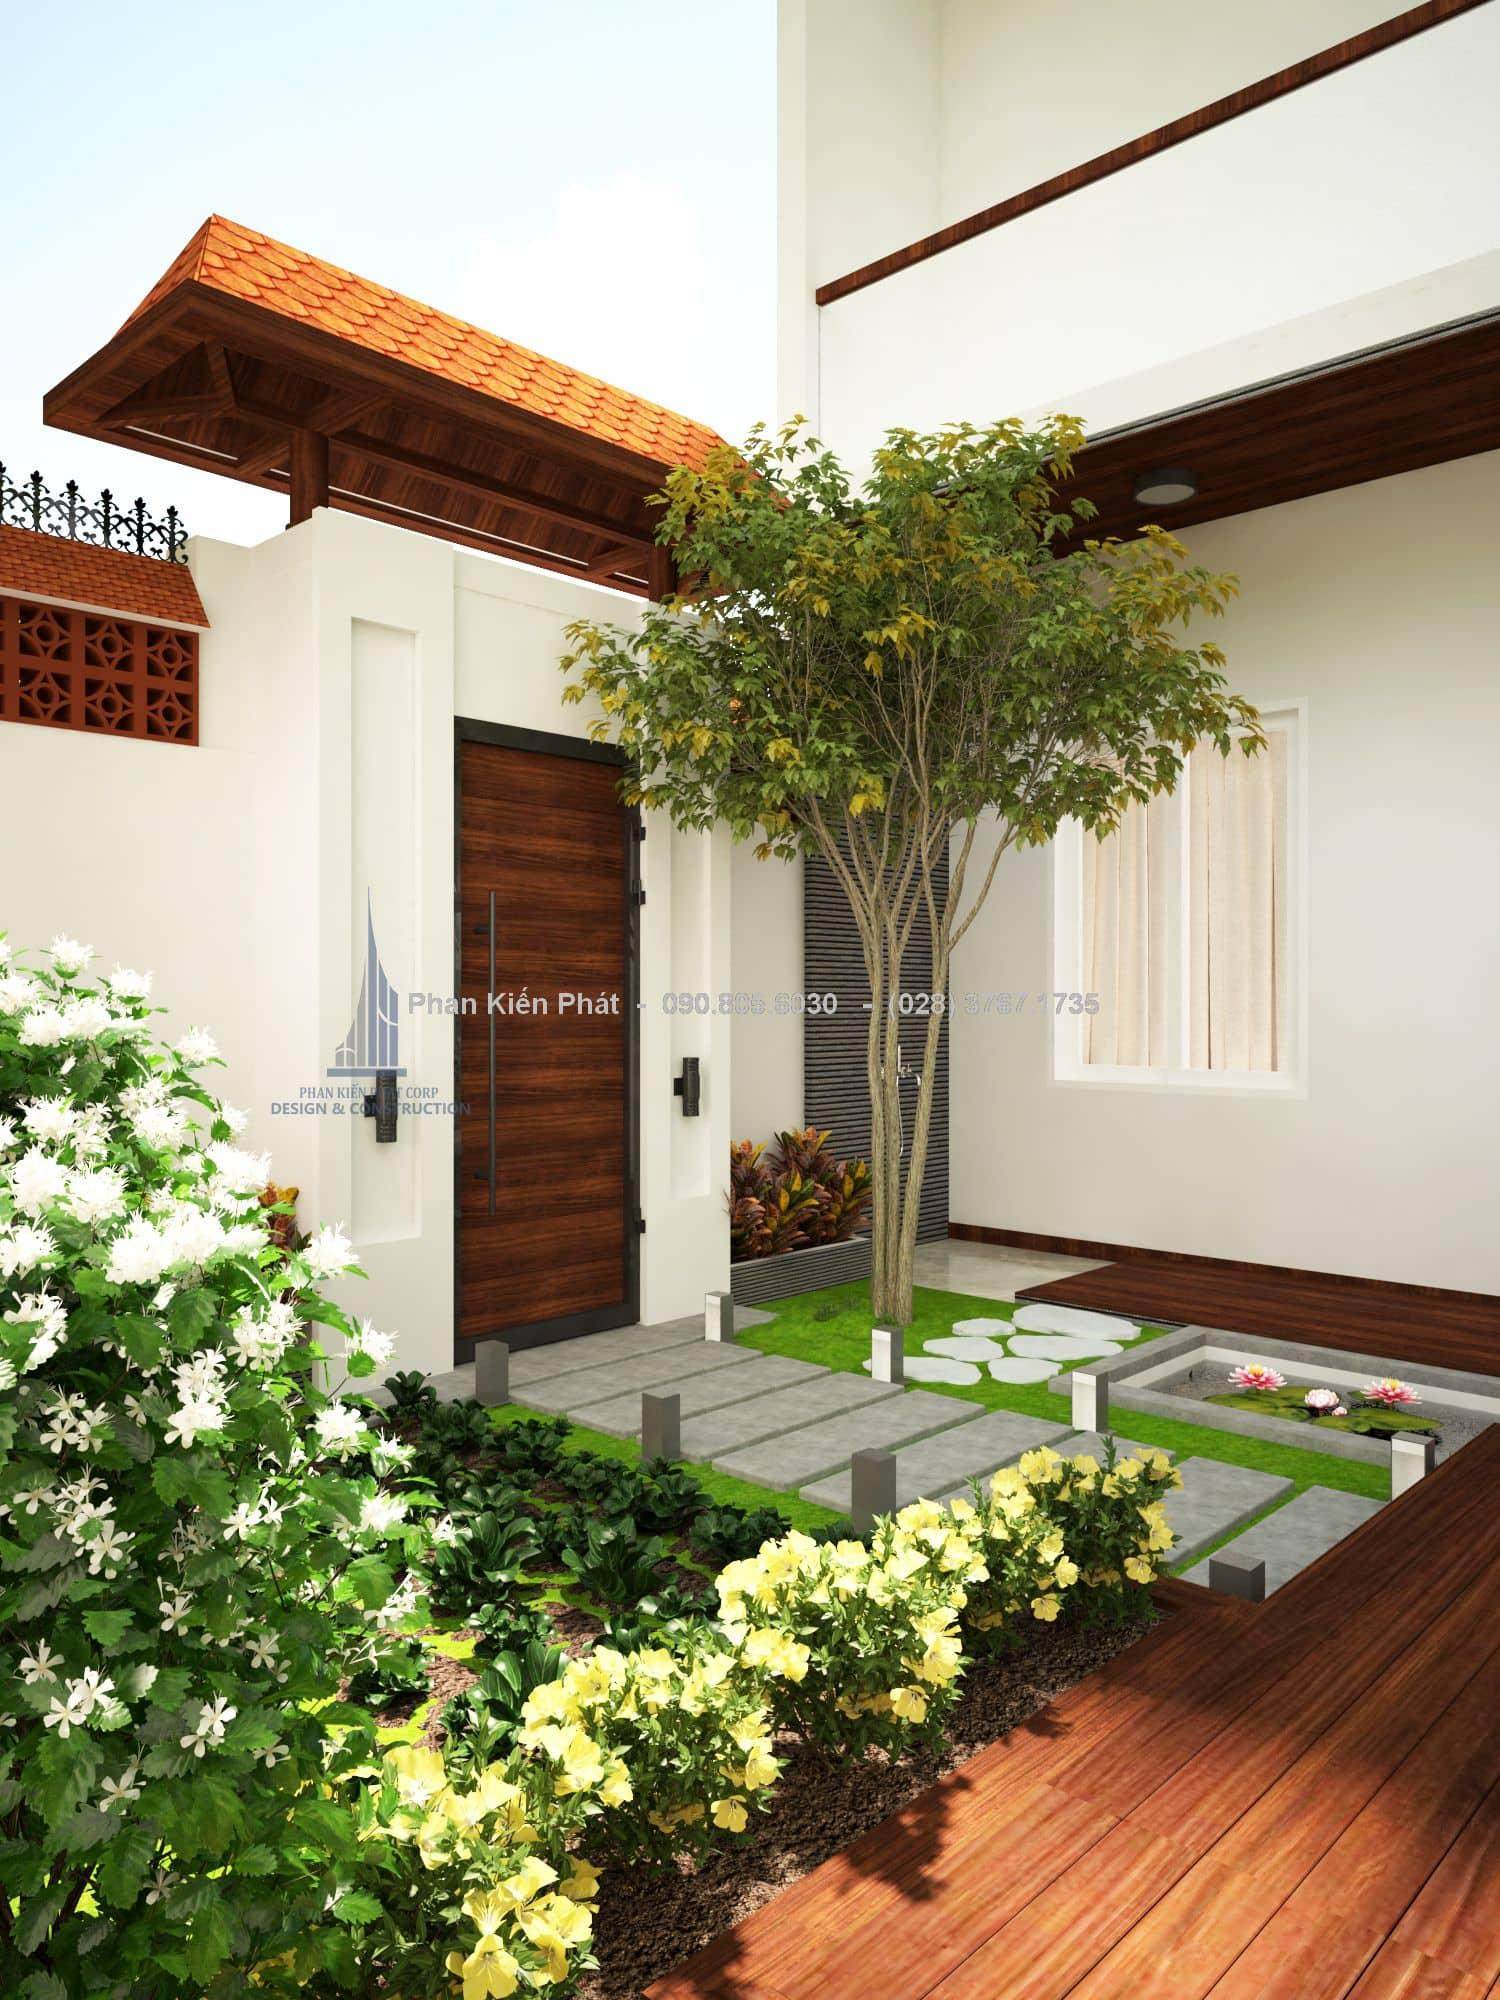 Góc vườn nhỏ đẹp trở nên sinh động hơn với cây xanh